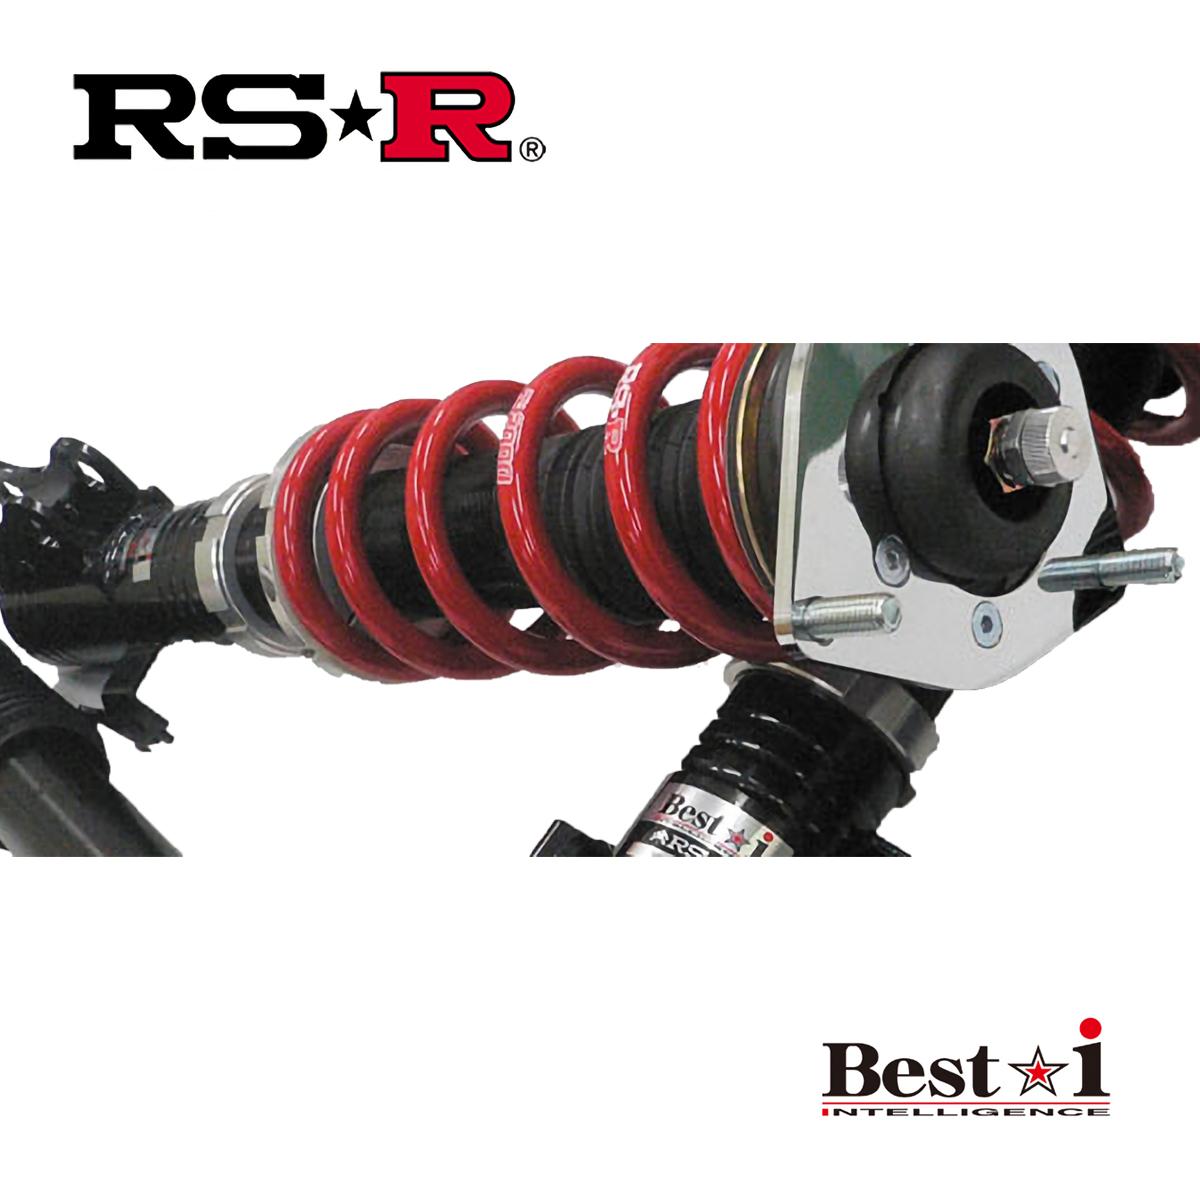 RS-R インプレッサG4 2.0i-Lアイサイト GK7 車高調 リア車高調整:全長式/ハードバネレート仕様 BIF531H ベストi RSR 個人宅発送追金有